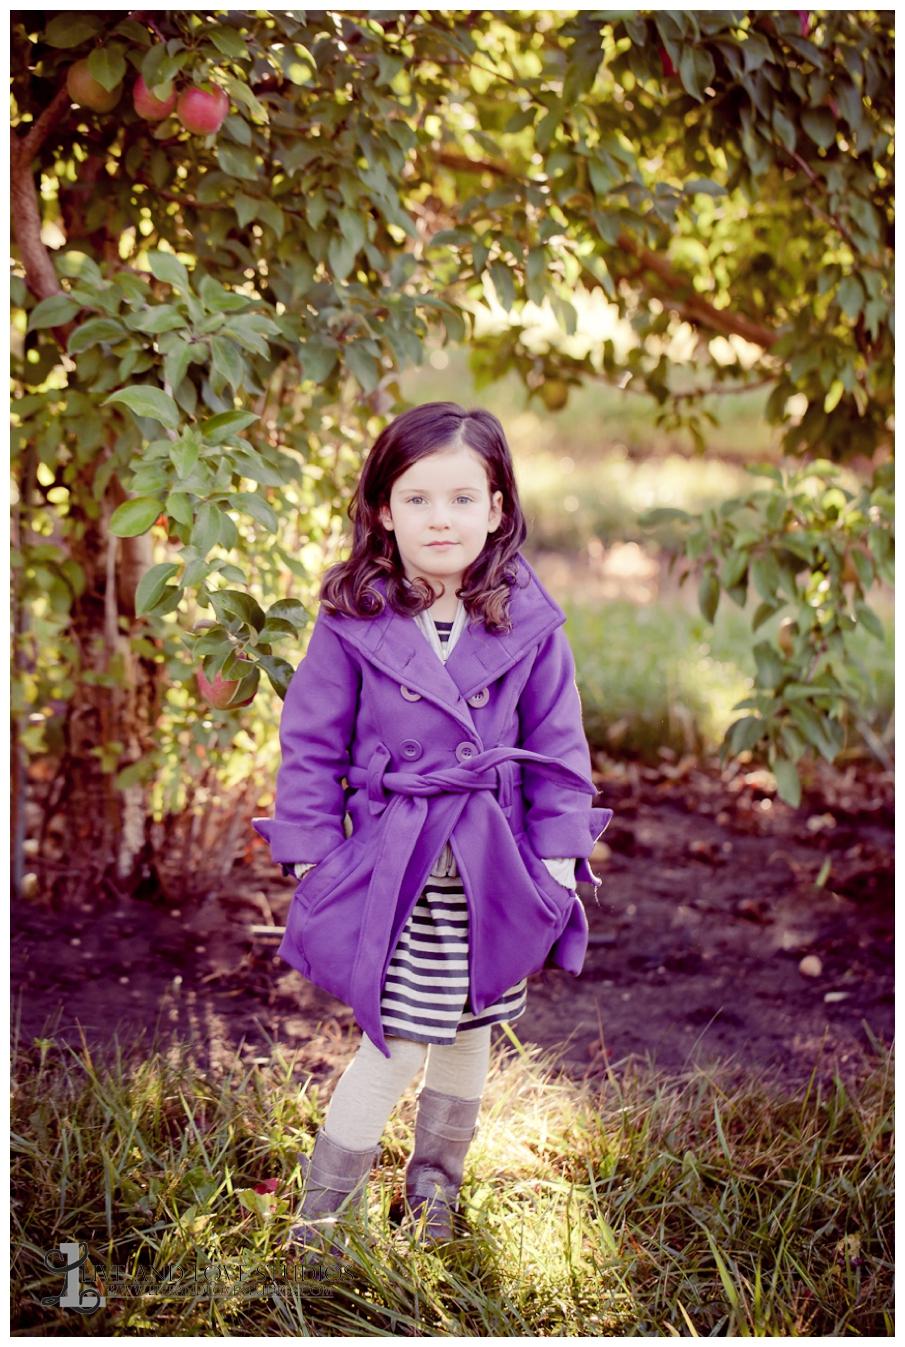 03-minneapolis-st-paul-mn-child-photographer-apple-orchard